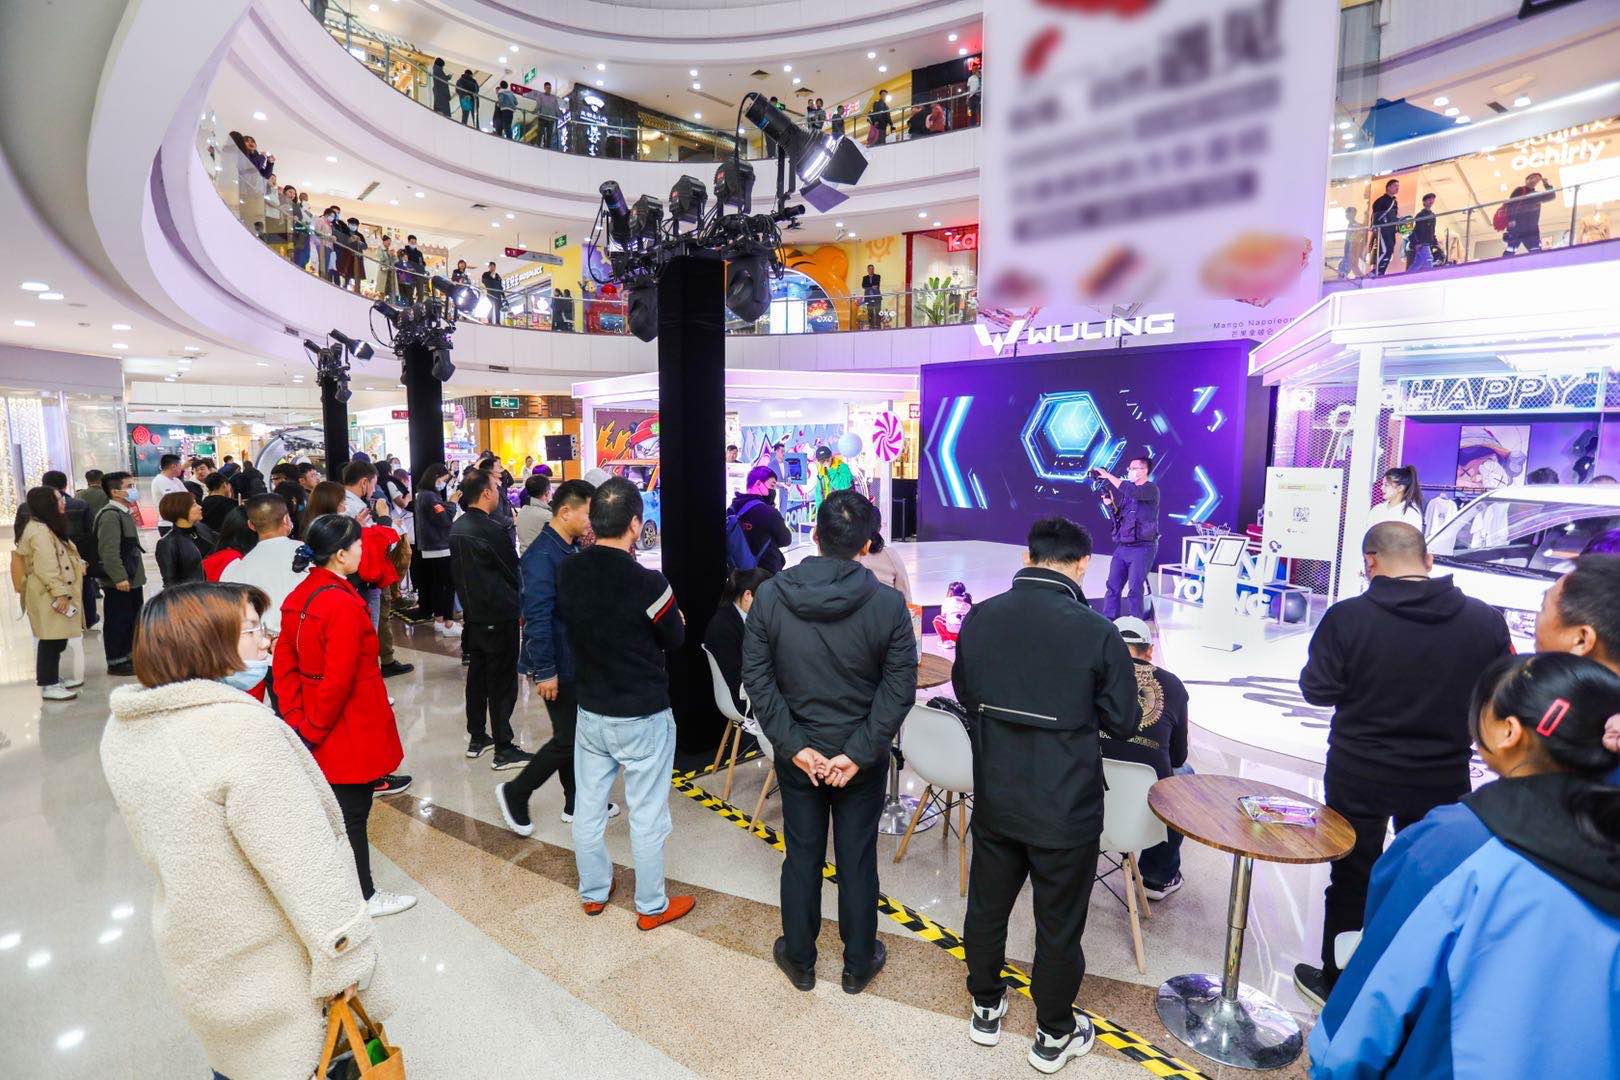 省长点赞的宏光MINIEV燃爆洛阳,河南销量排名全国第一